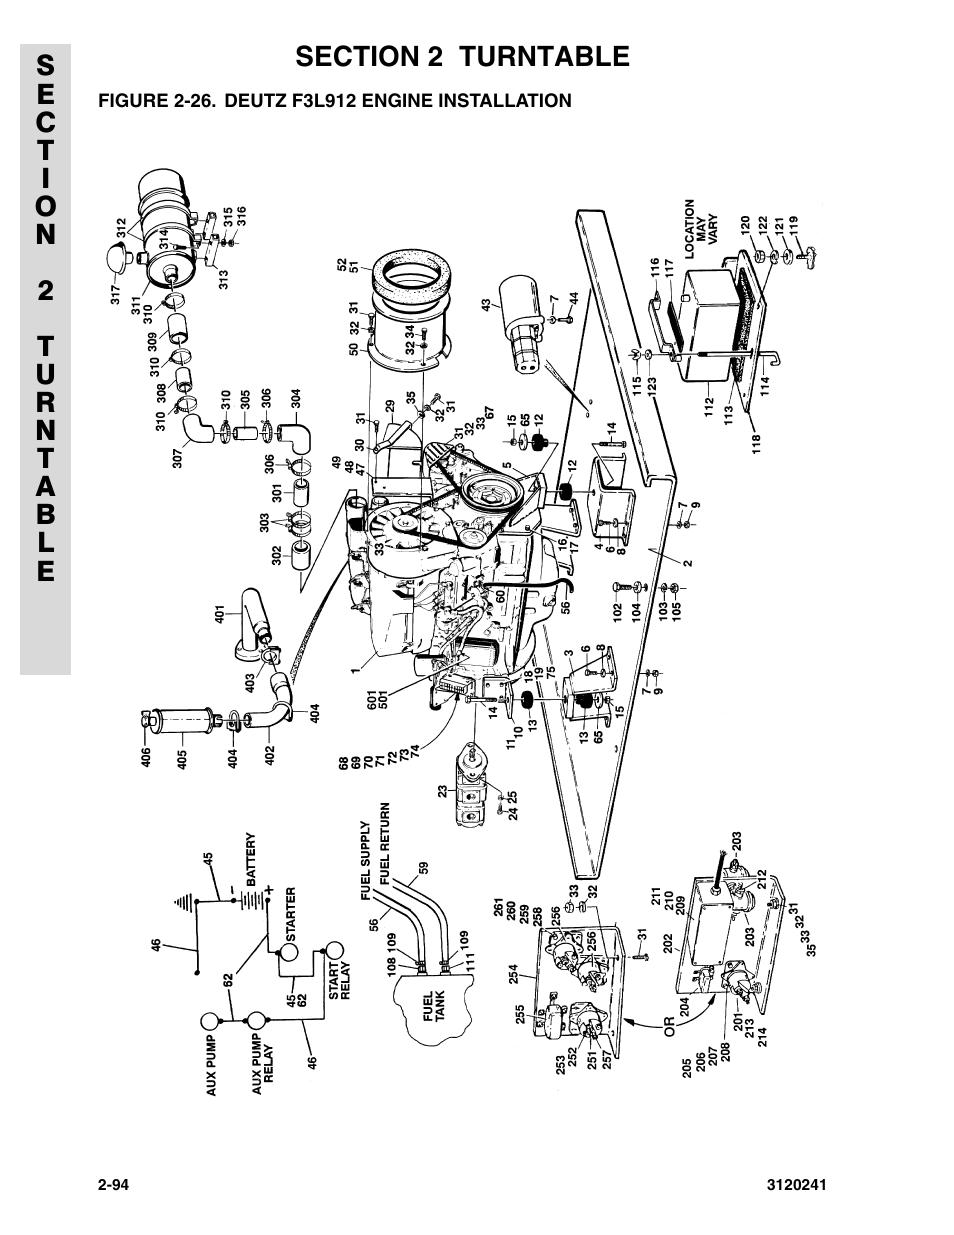 Figure 2-26. deutz f3l912 engine installation, Deutz